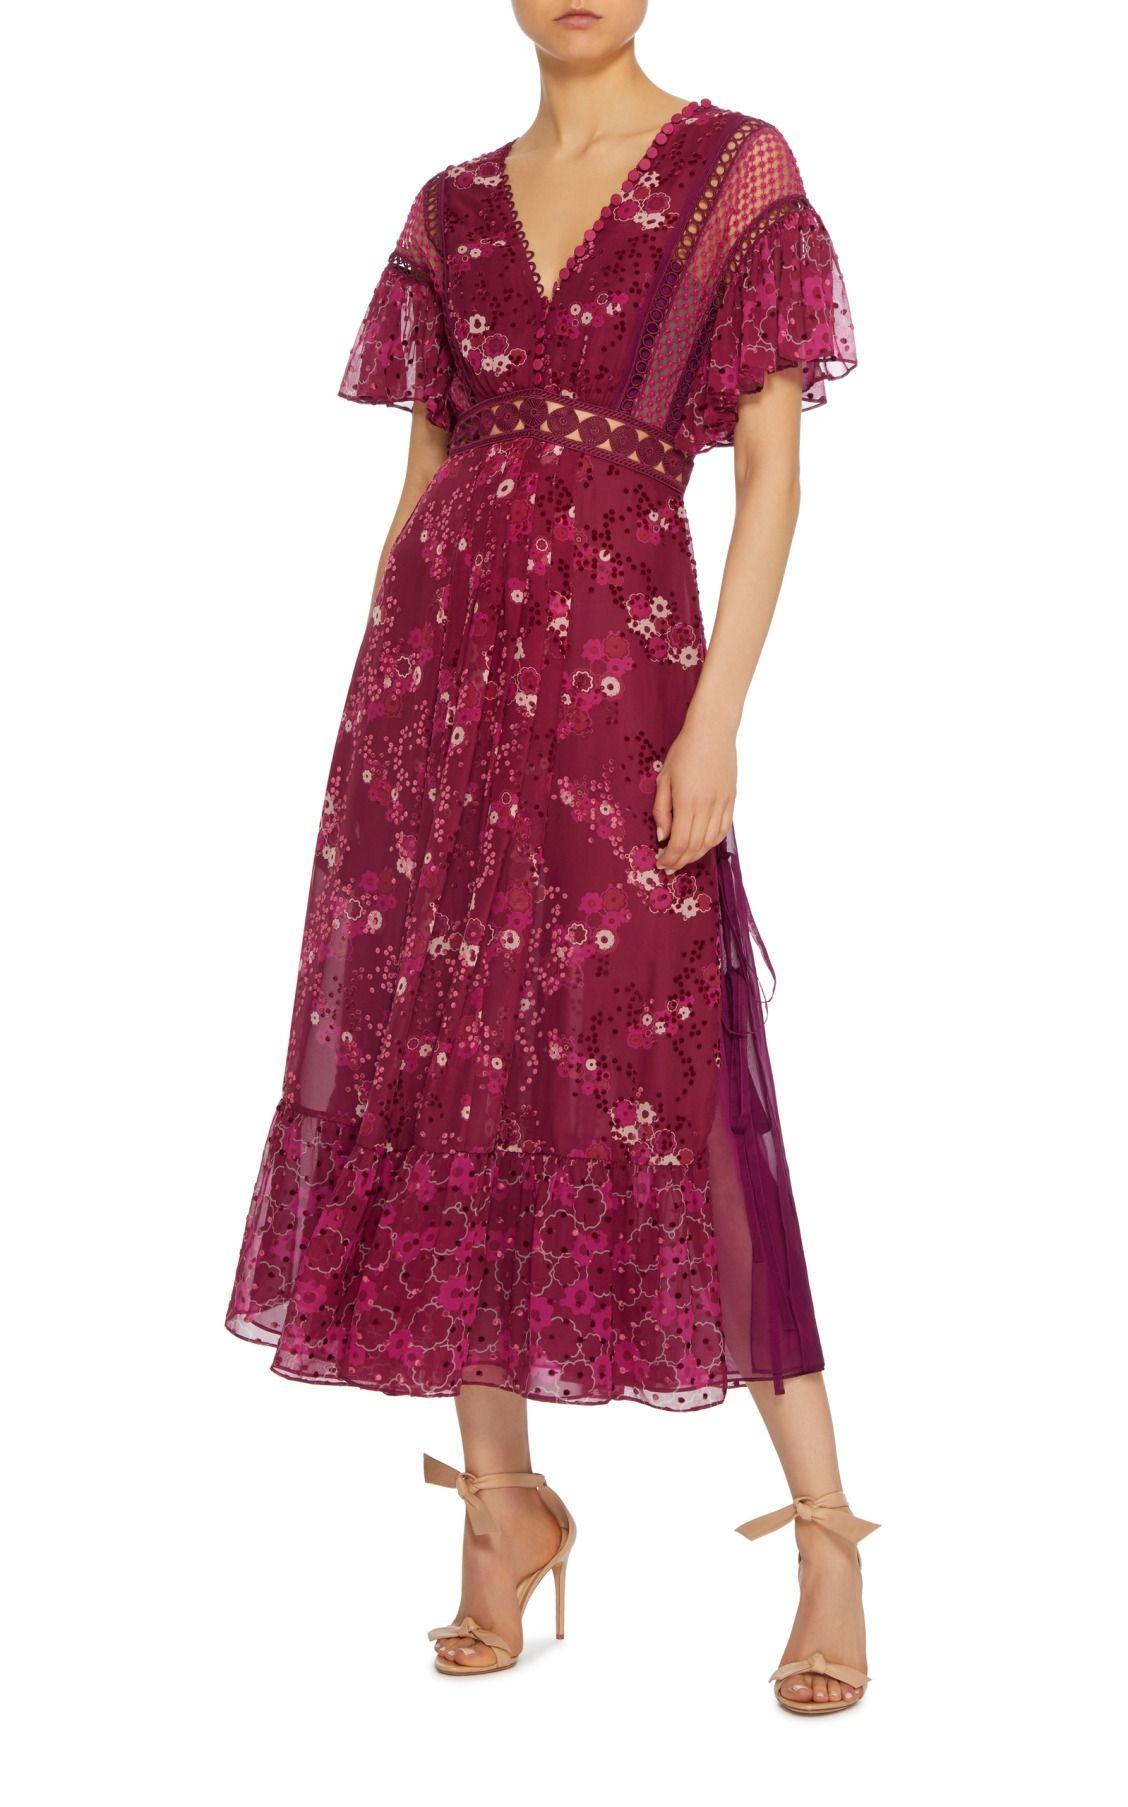 e5d352d00454 Floral-Print Devore Midi Dress by Self Portrait | Dresses | Floral ...